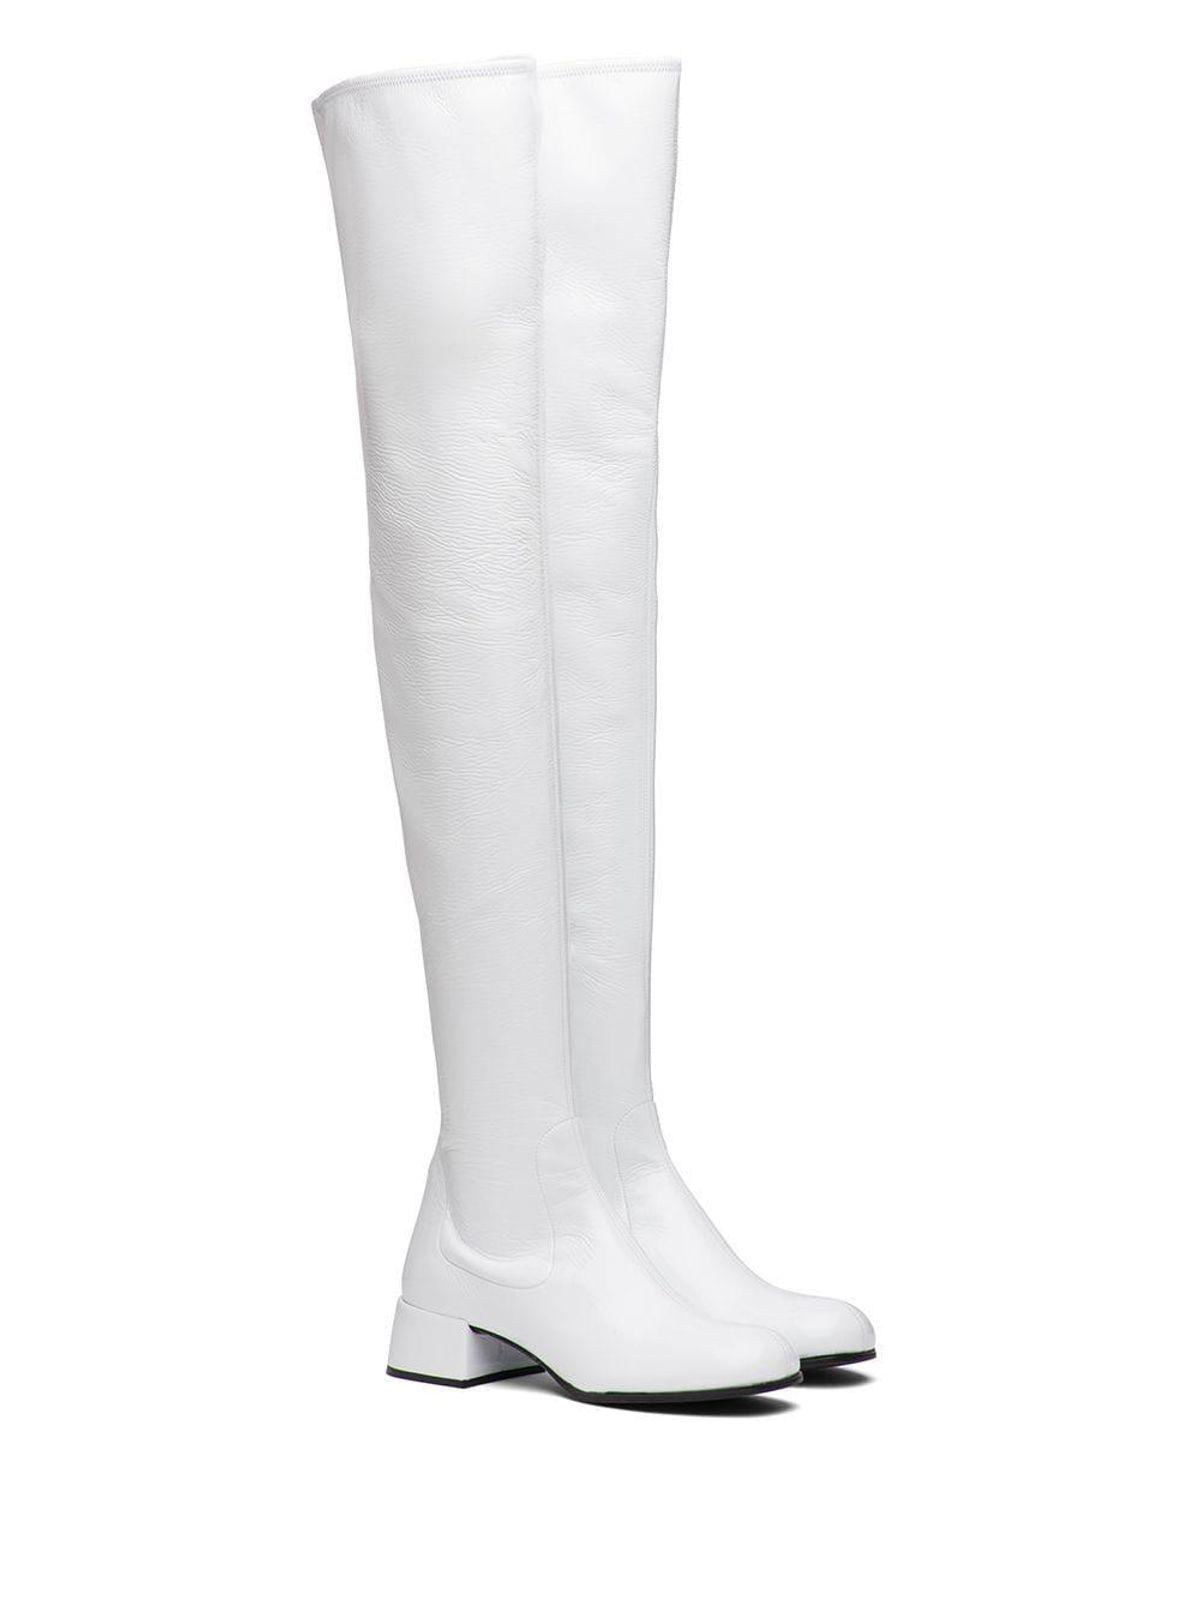 prada technical thigh high boots